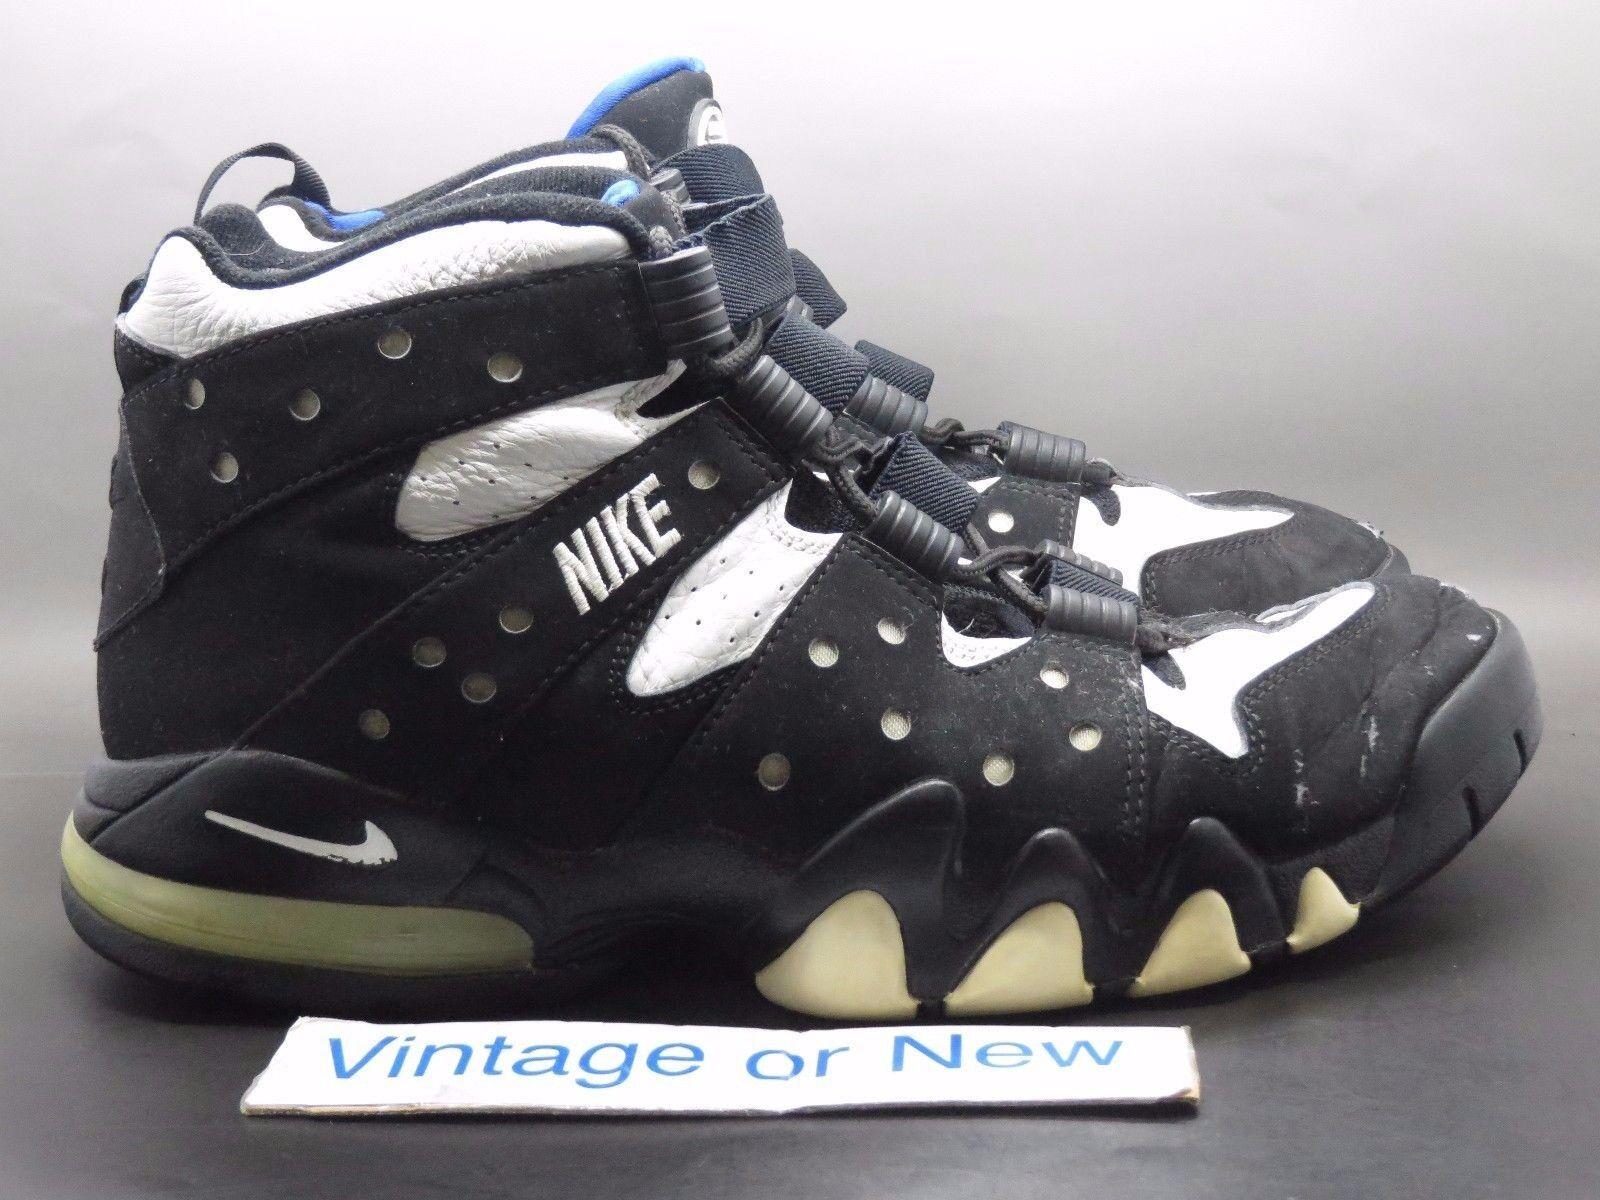 82934f7d4f1c VTG Nike Air Max 2 CB  94 Black Black Black White Varsity Royal 2003 sz  11.5 5e4776